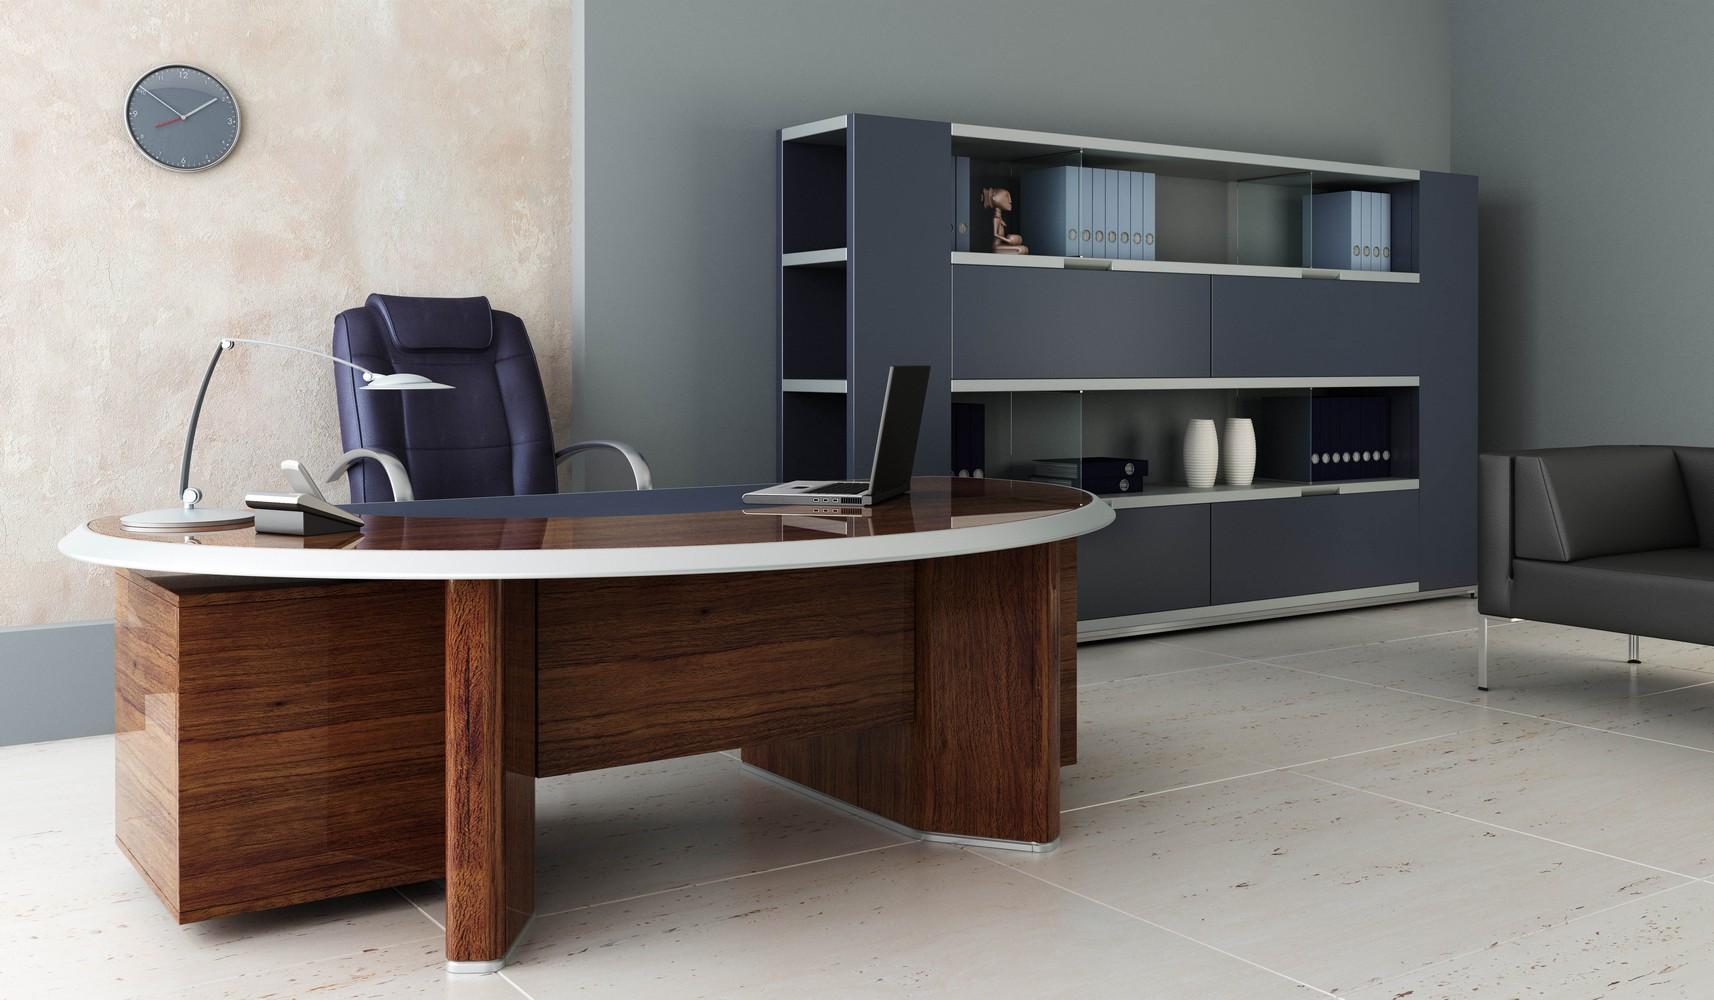 Современная стильная мебель для офиса - правила выбора